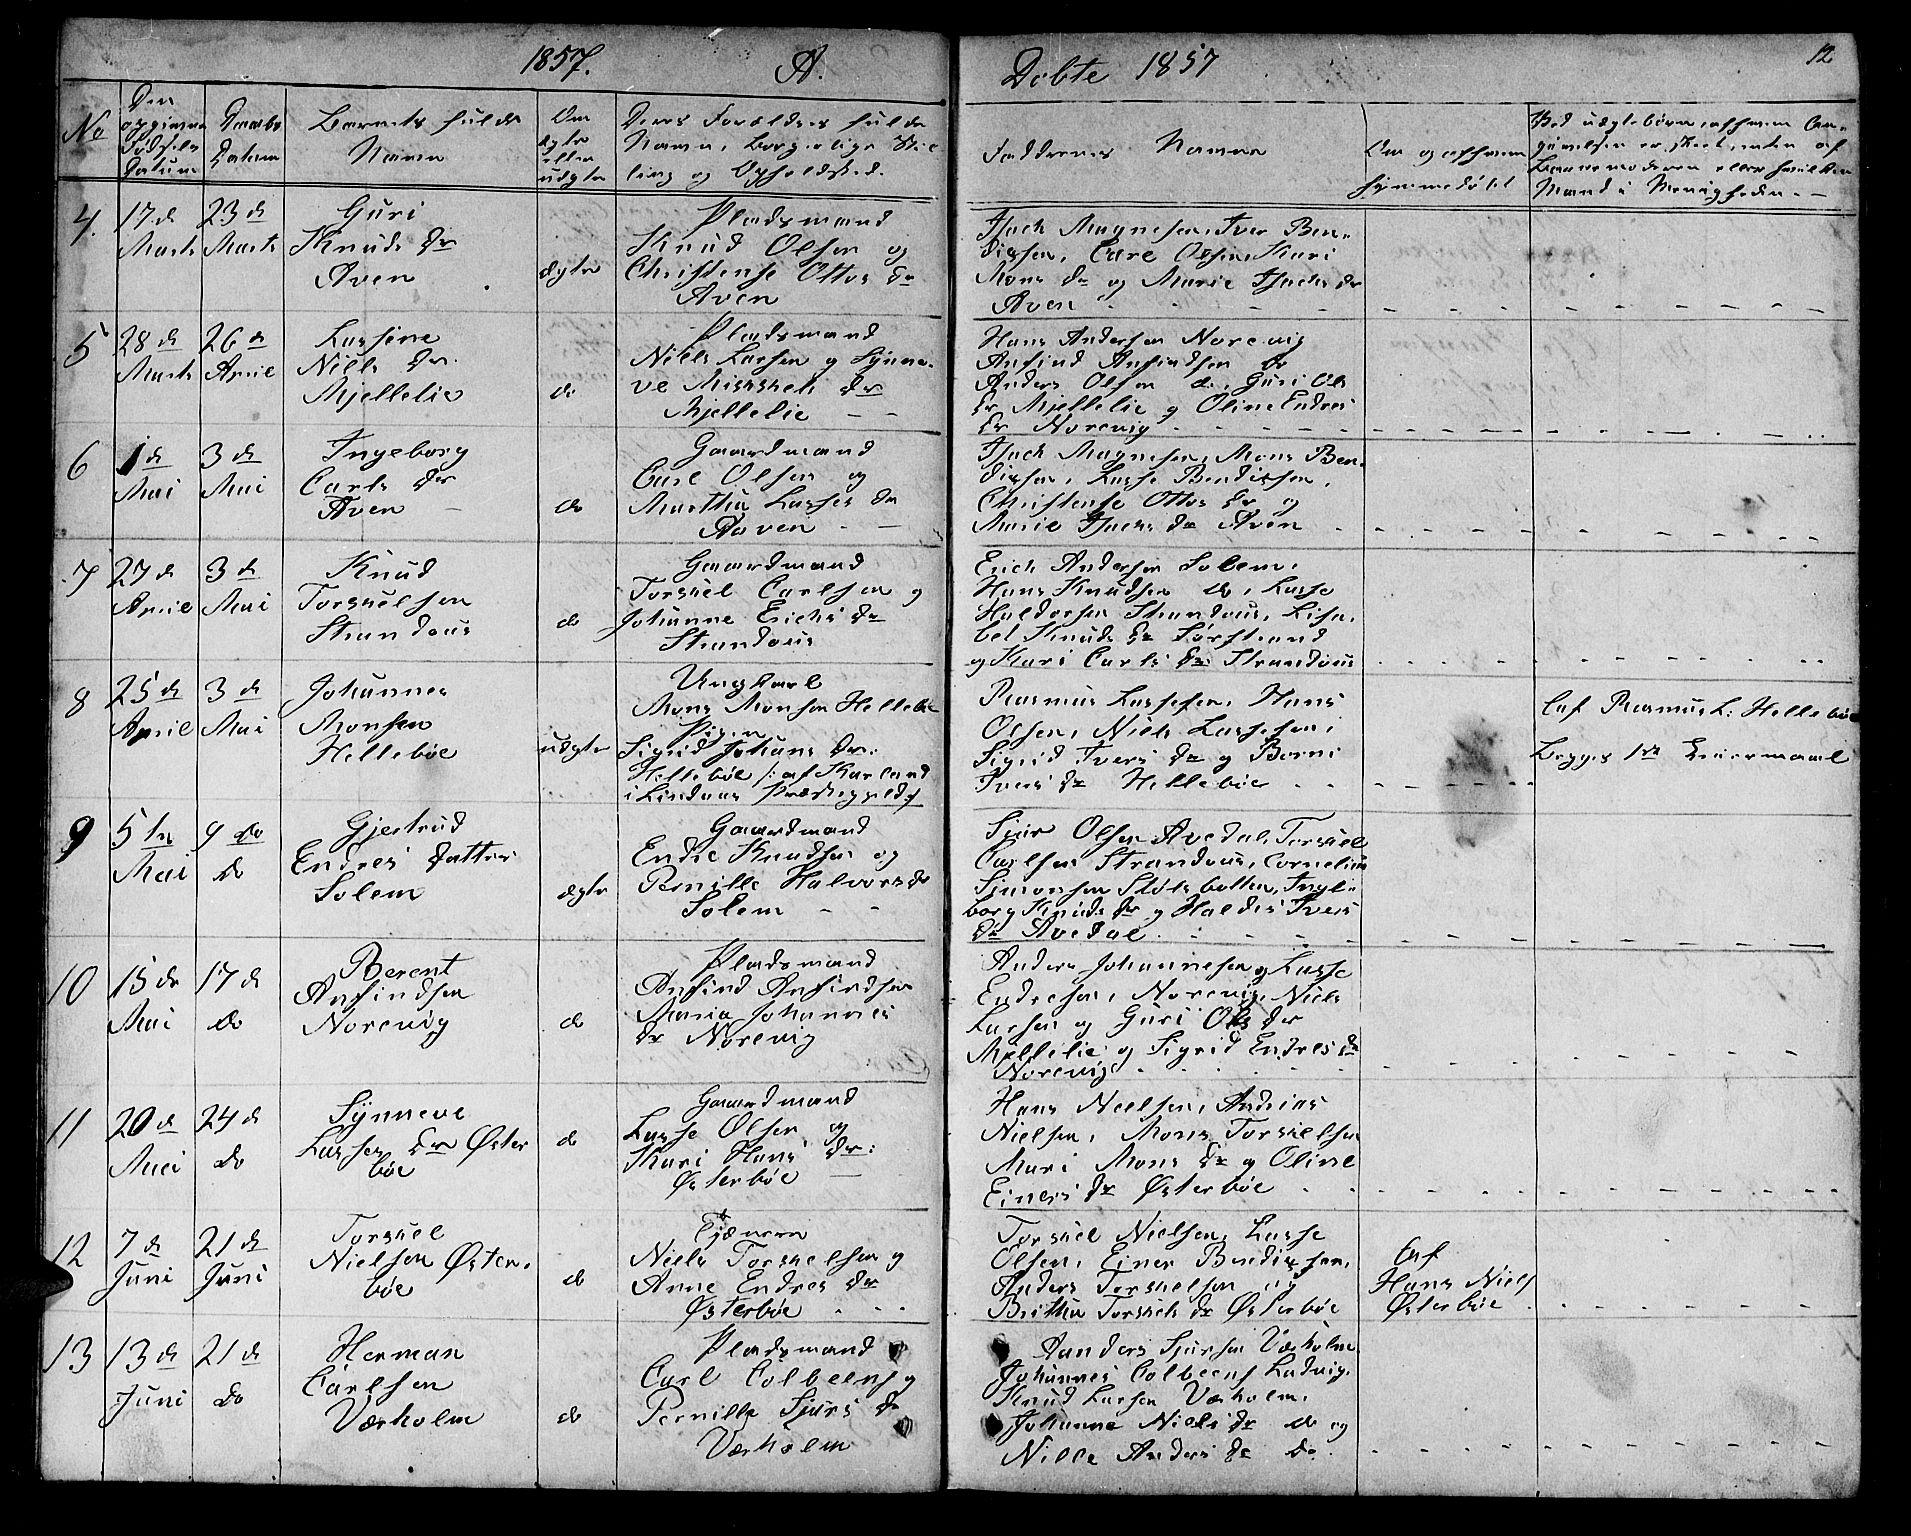 SAB, Lavik sokneprestembete, Parish register (copy) no. A 1, 1854-1881, p. 12